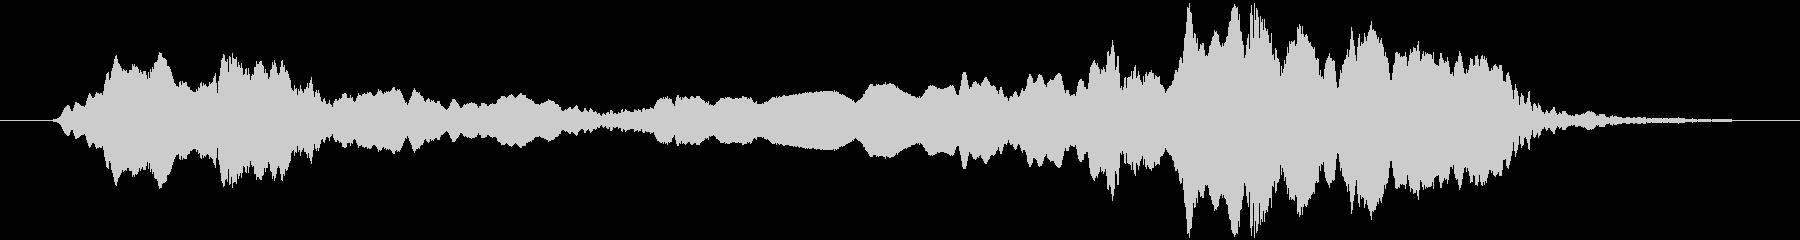 トンビ(トビ、鳶)ヒィィーョロロの未再生の波形